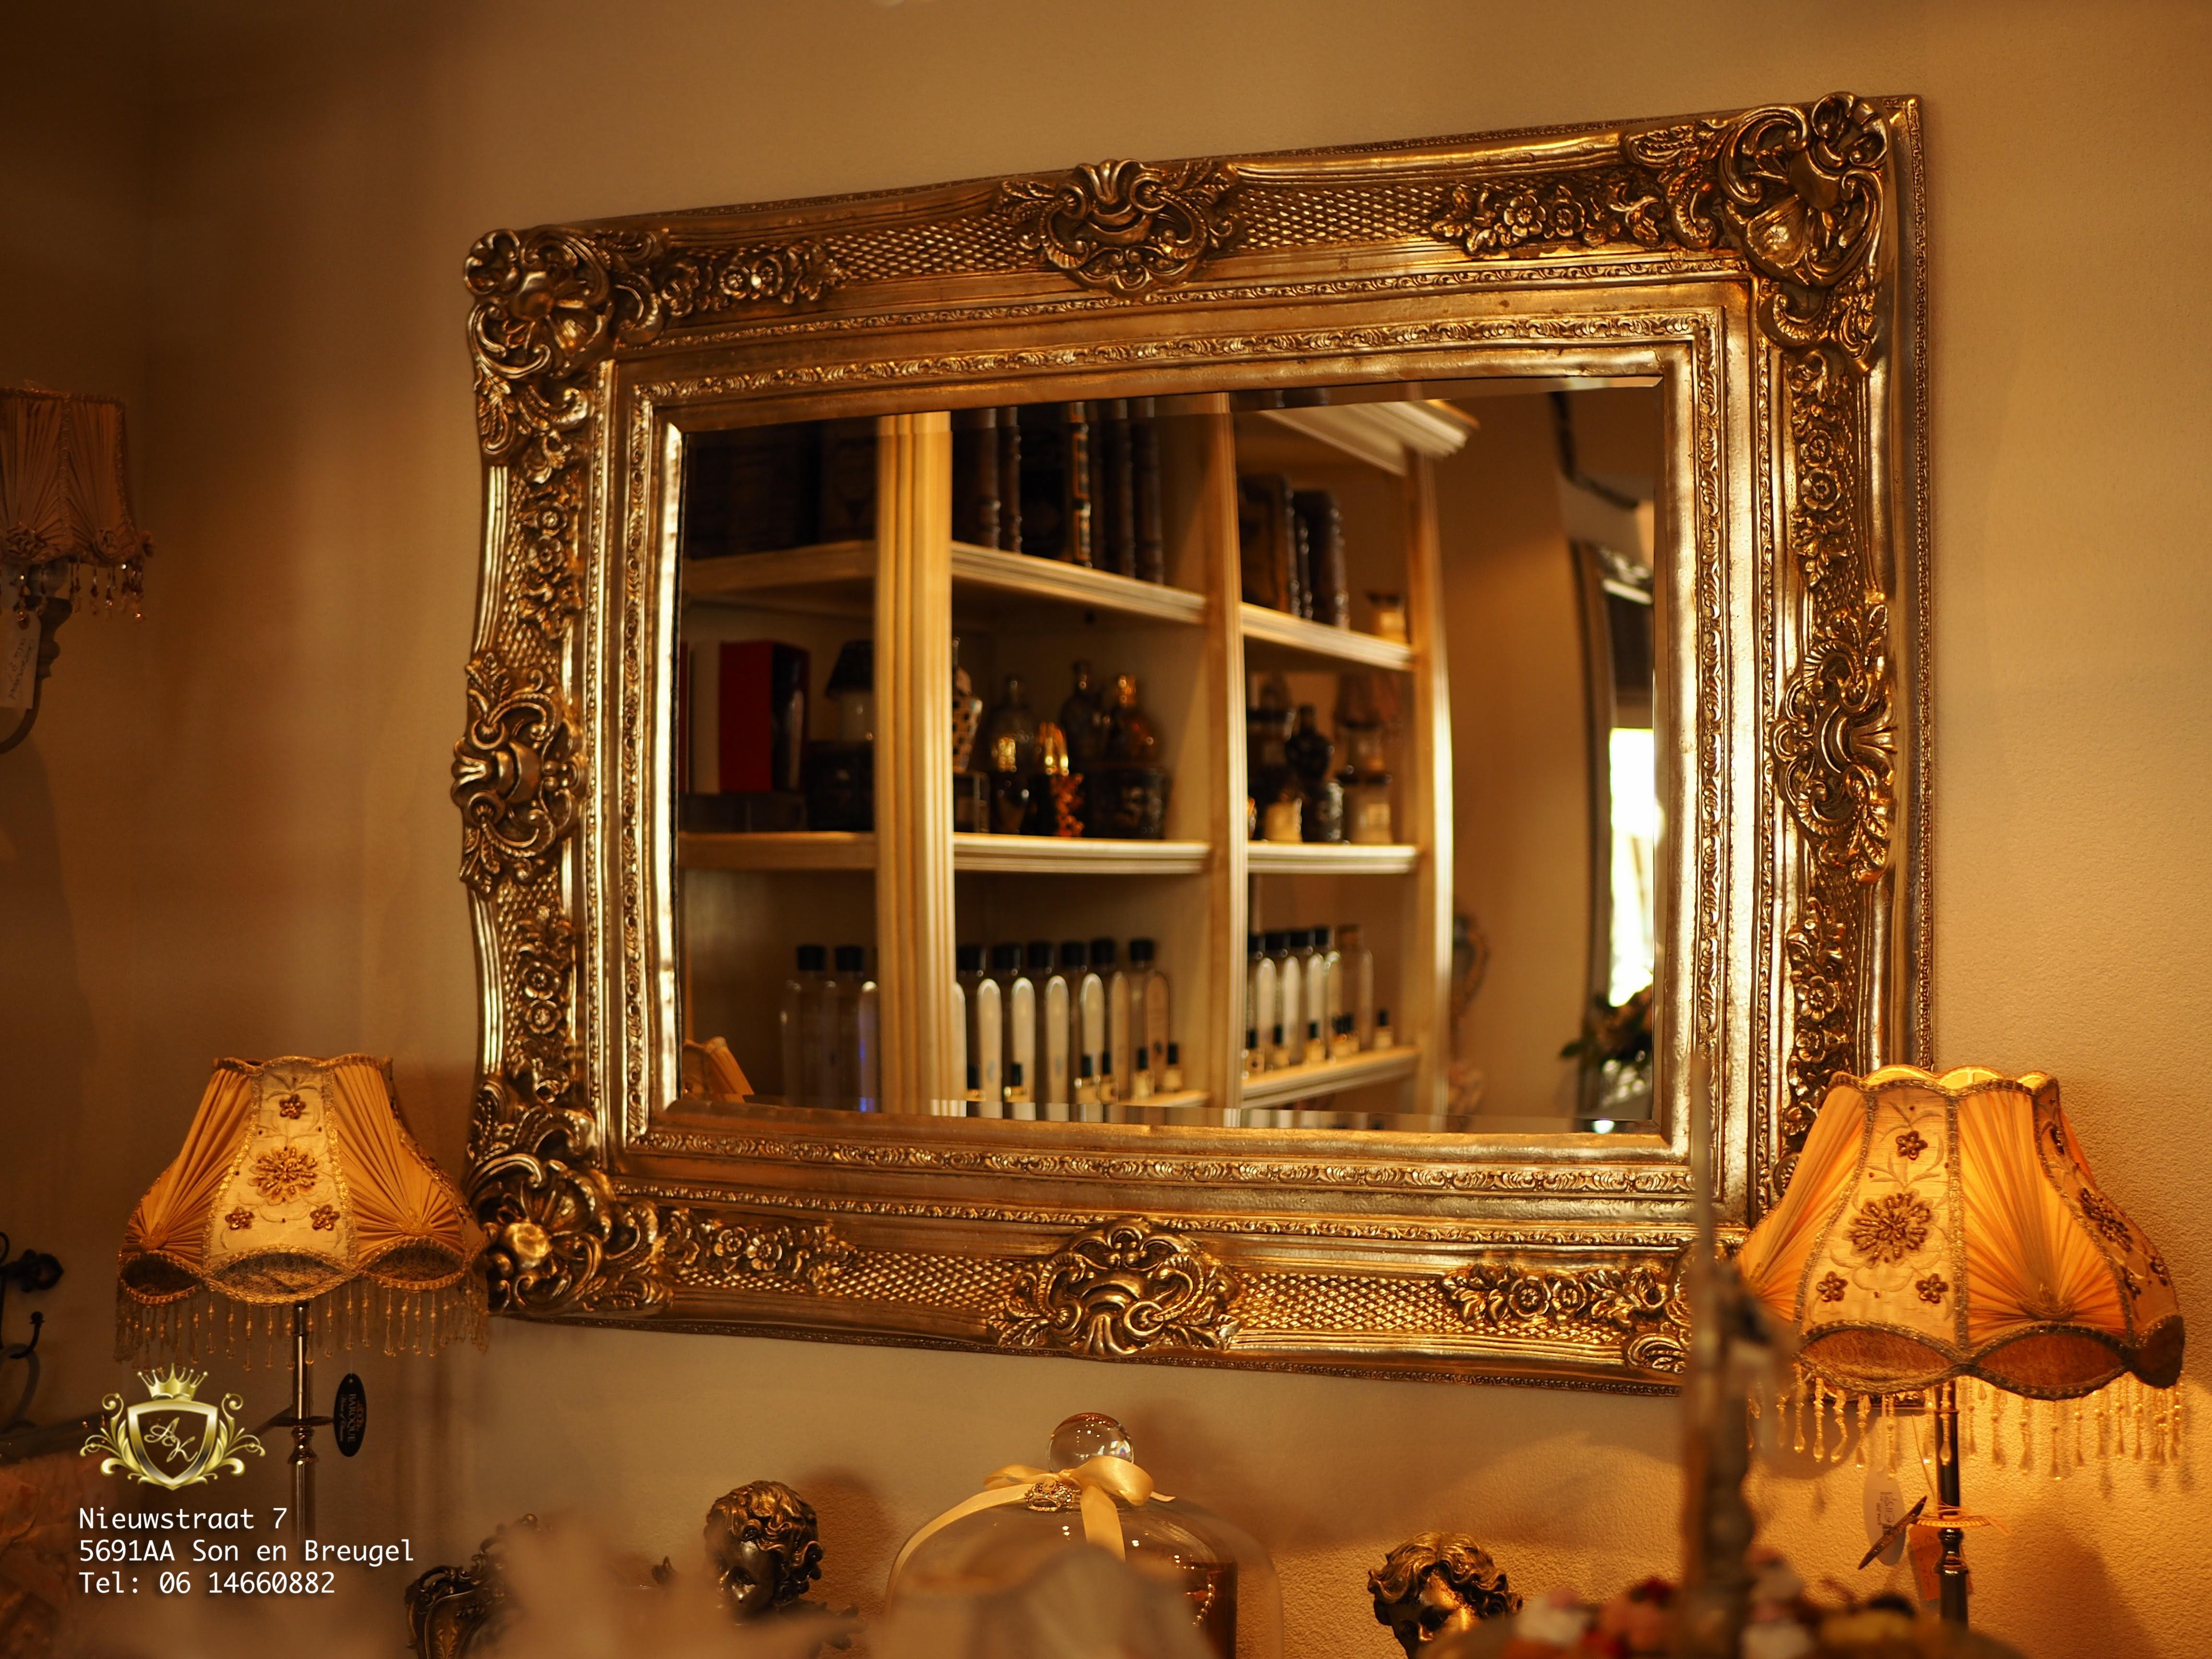 Barok Spiegel Wit : Barok spiegel zilver angelas kroonjuweeltje